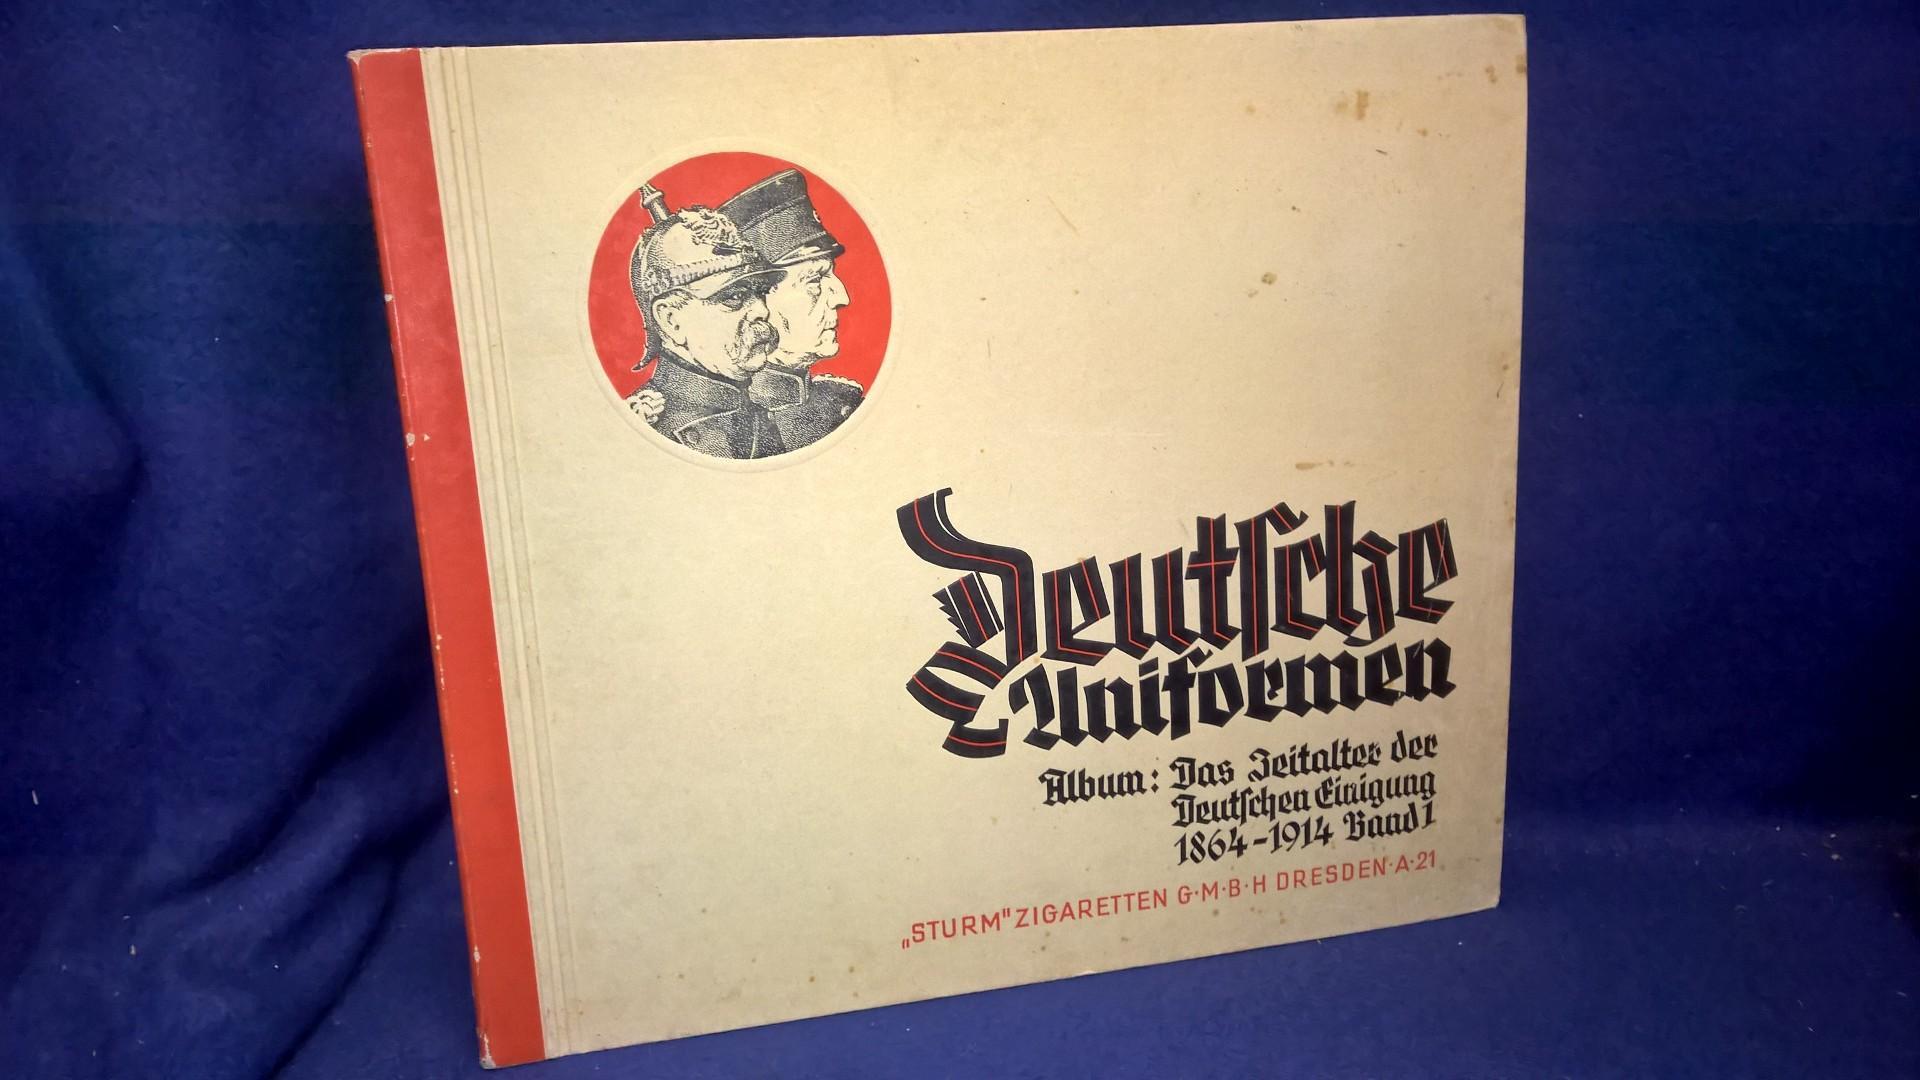 Sturm Zigarettenbilderalbum. - Deutsche Uniformen: Das Zeitalter der Deutschen Einigung 1864 - 1914, Band 1.Komplett mit den 240 farbigen Bildern.